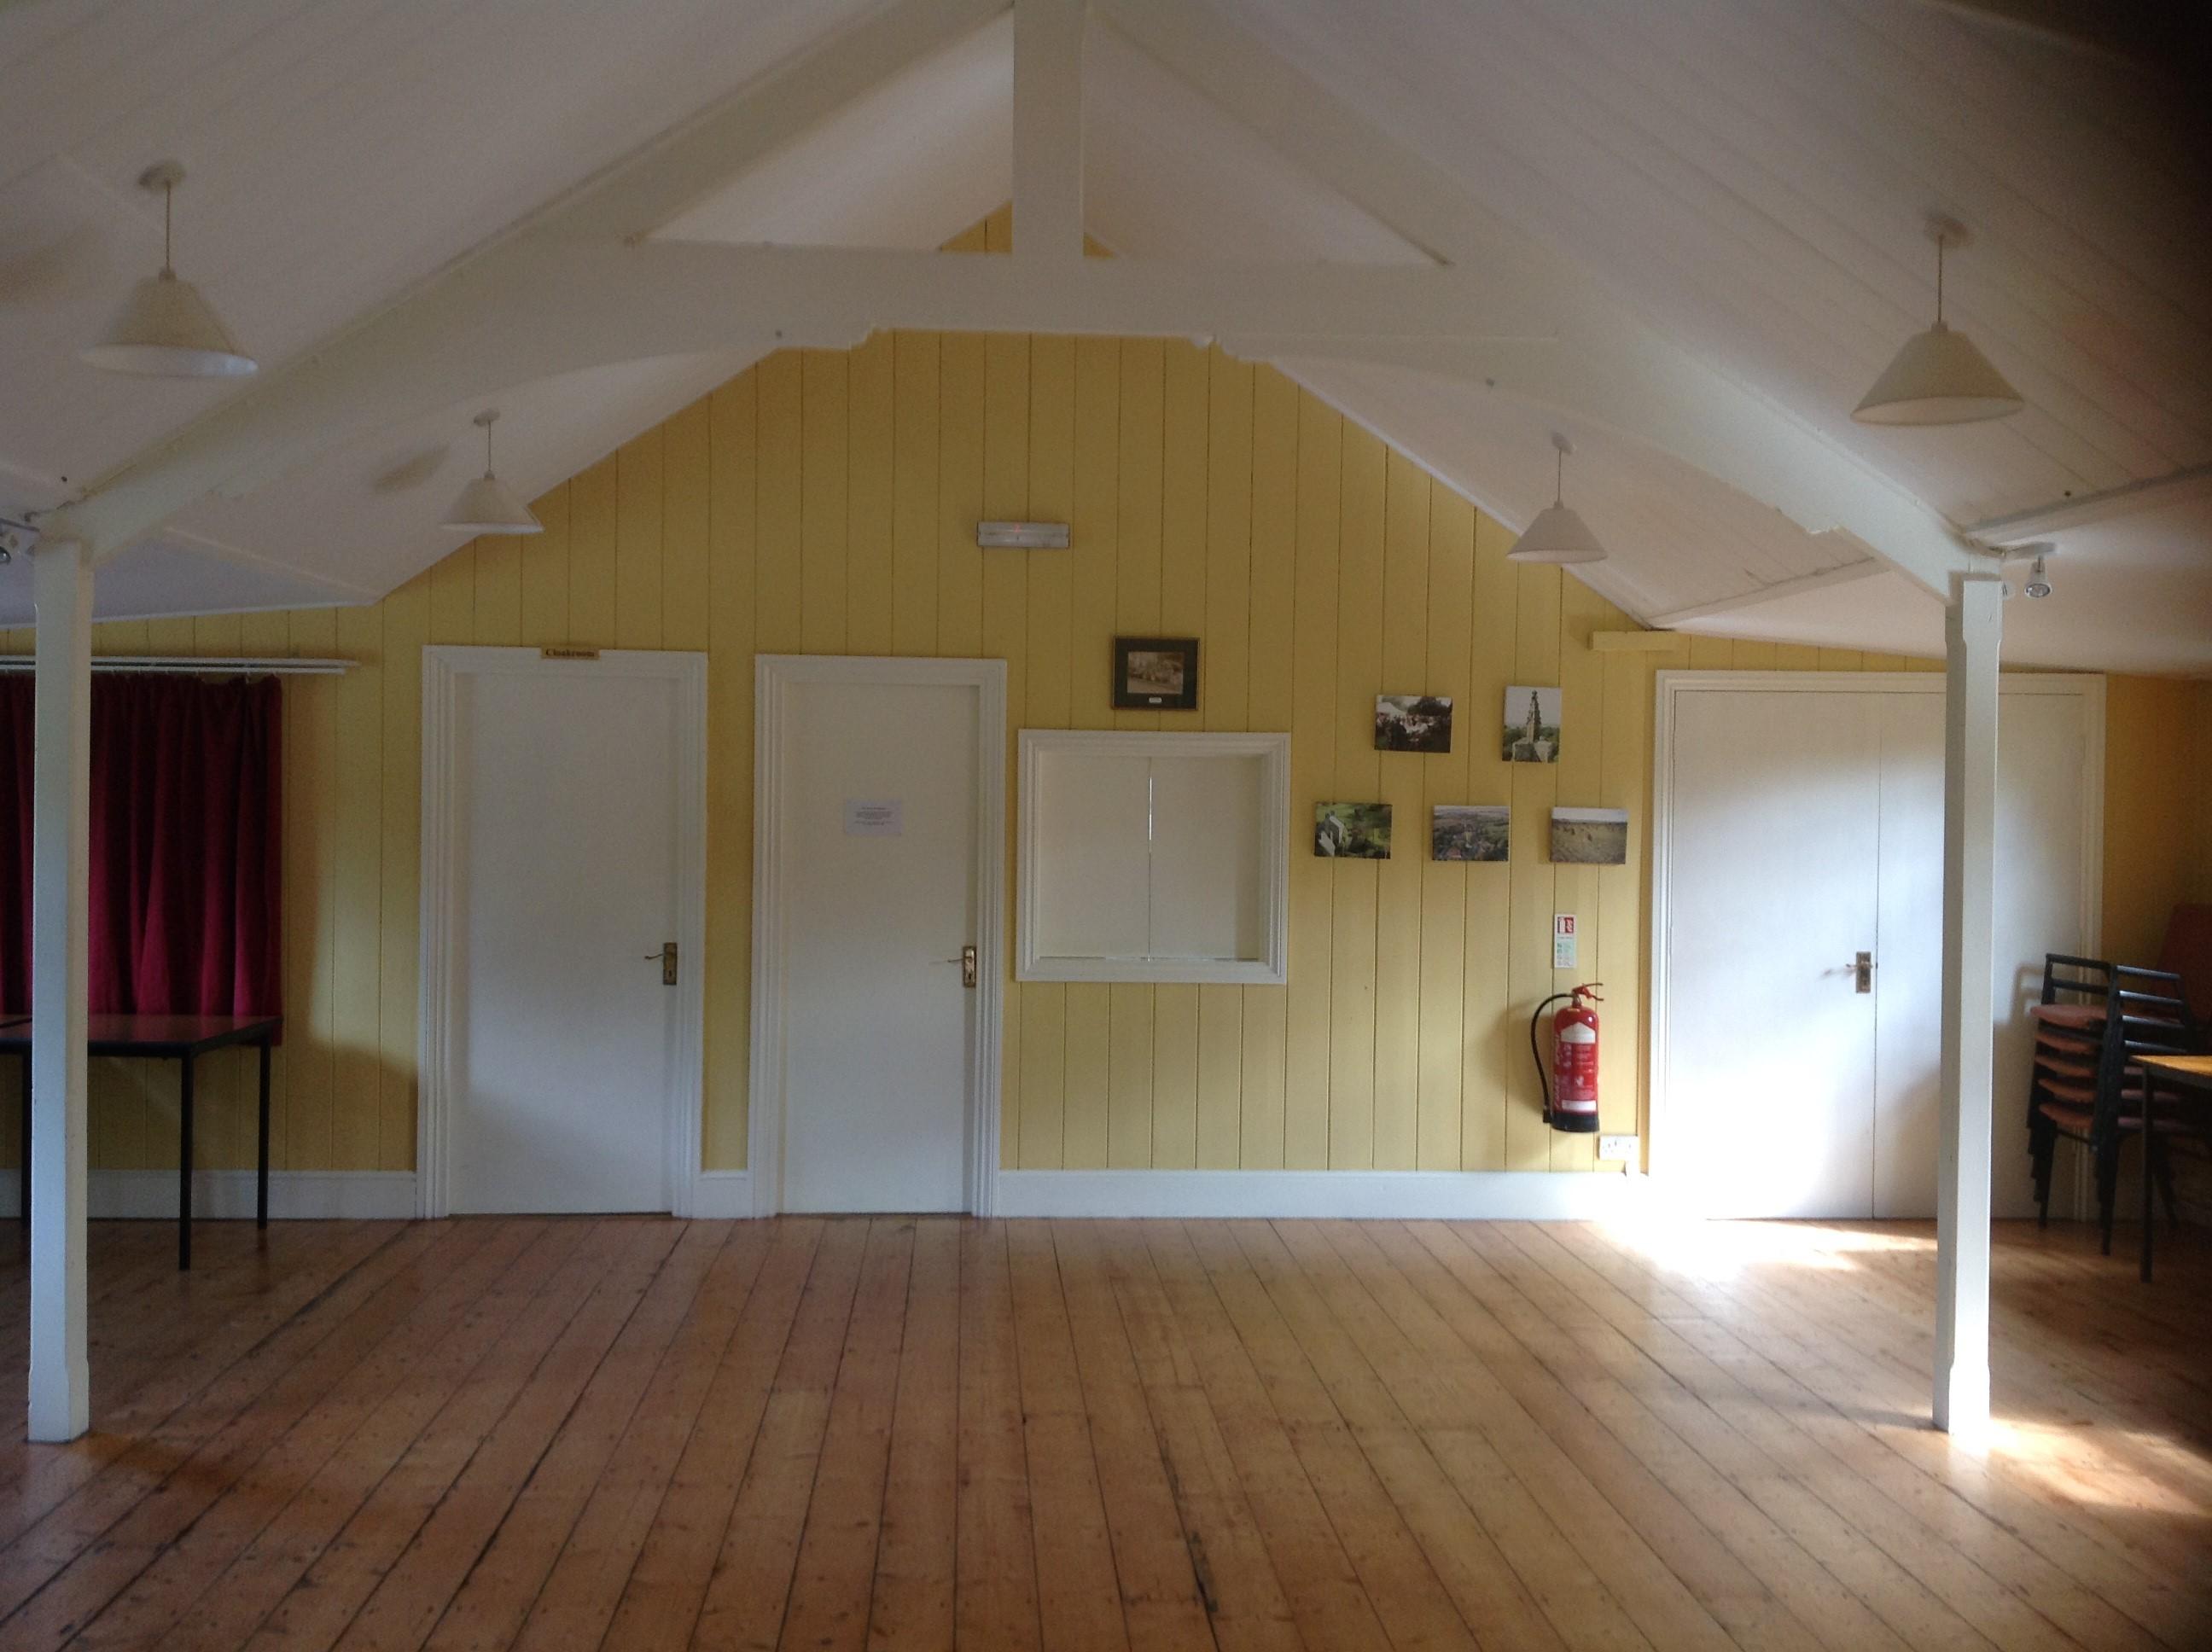 Marden Village Hall